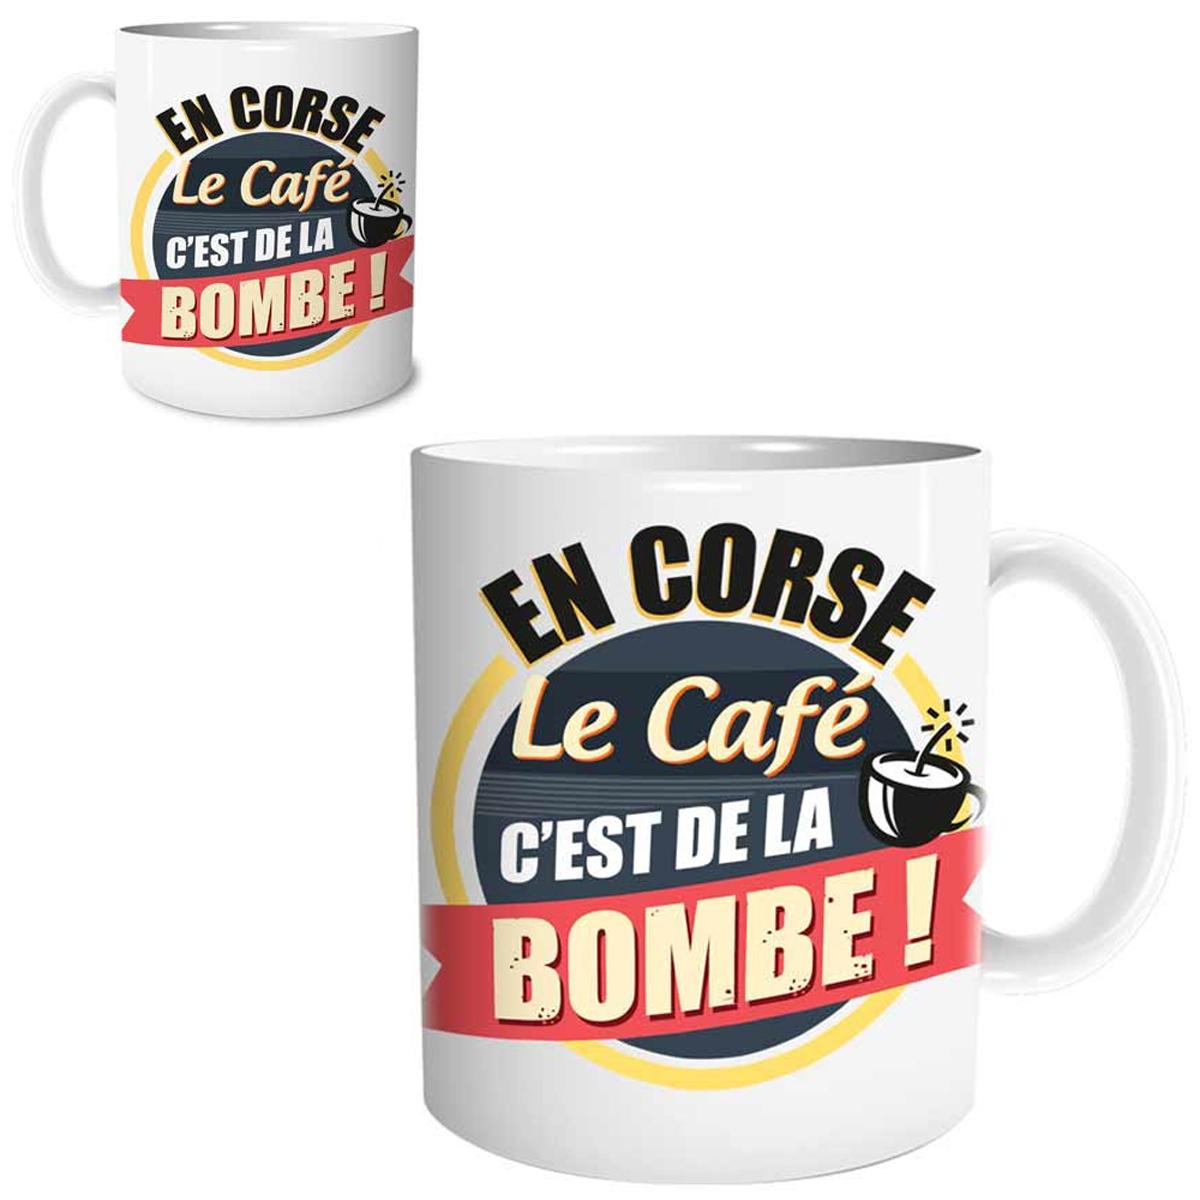 Mug céramique \'Corse\' (En Corse, le café c\'est de la Bombe !) - 95x80 mm - [R1643]